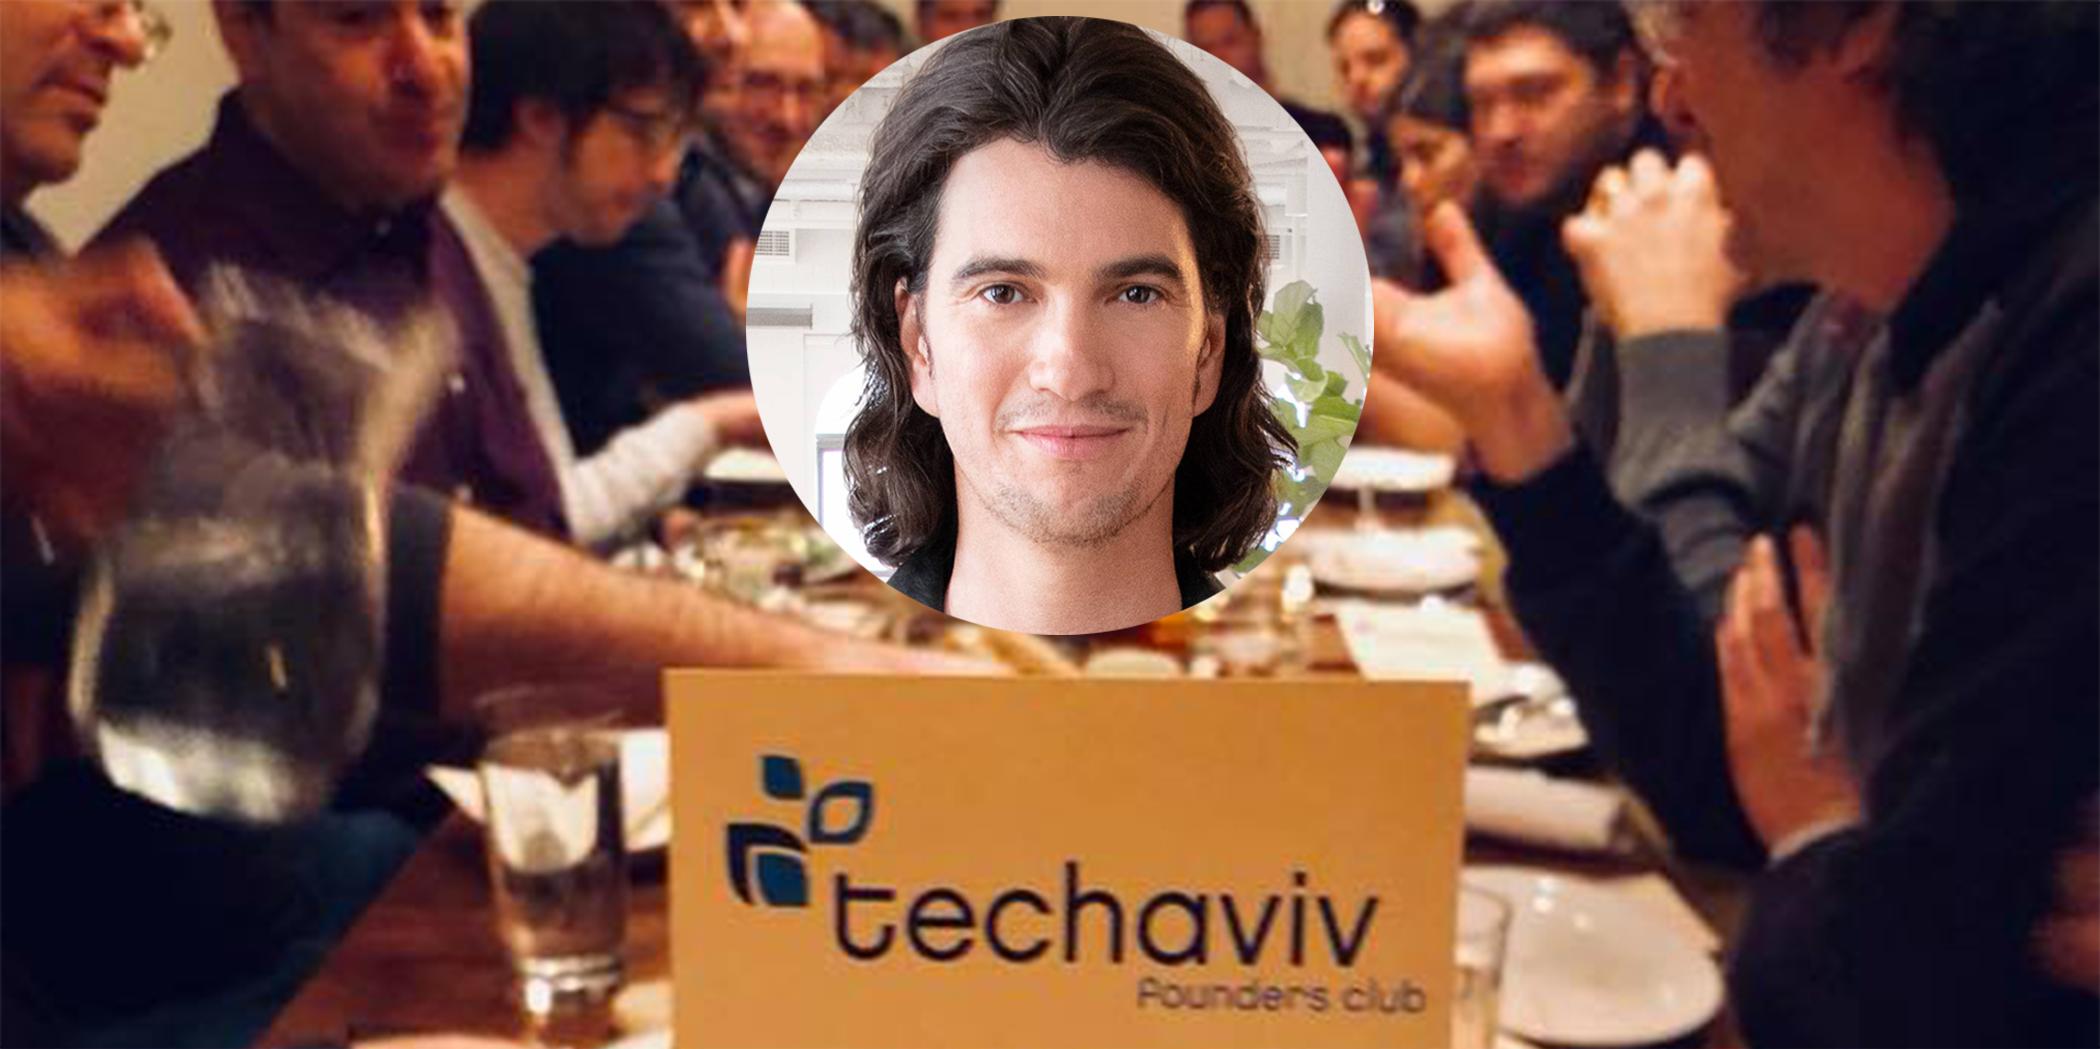 techaviv-ceo-lunch-adam-neumann.png